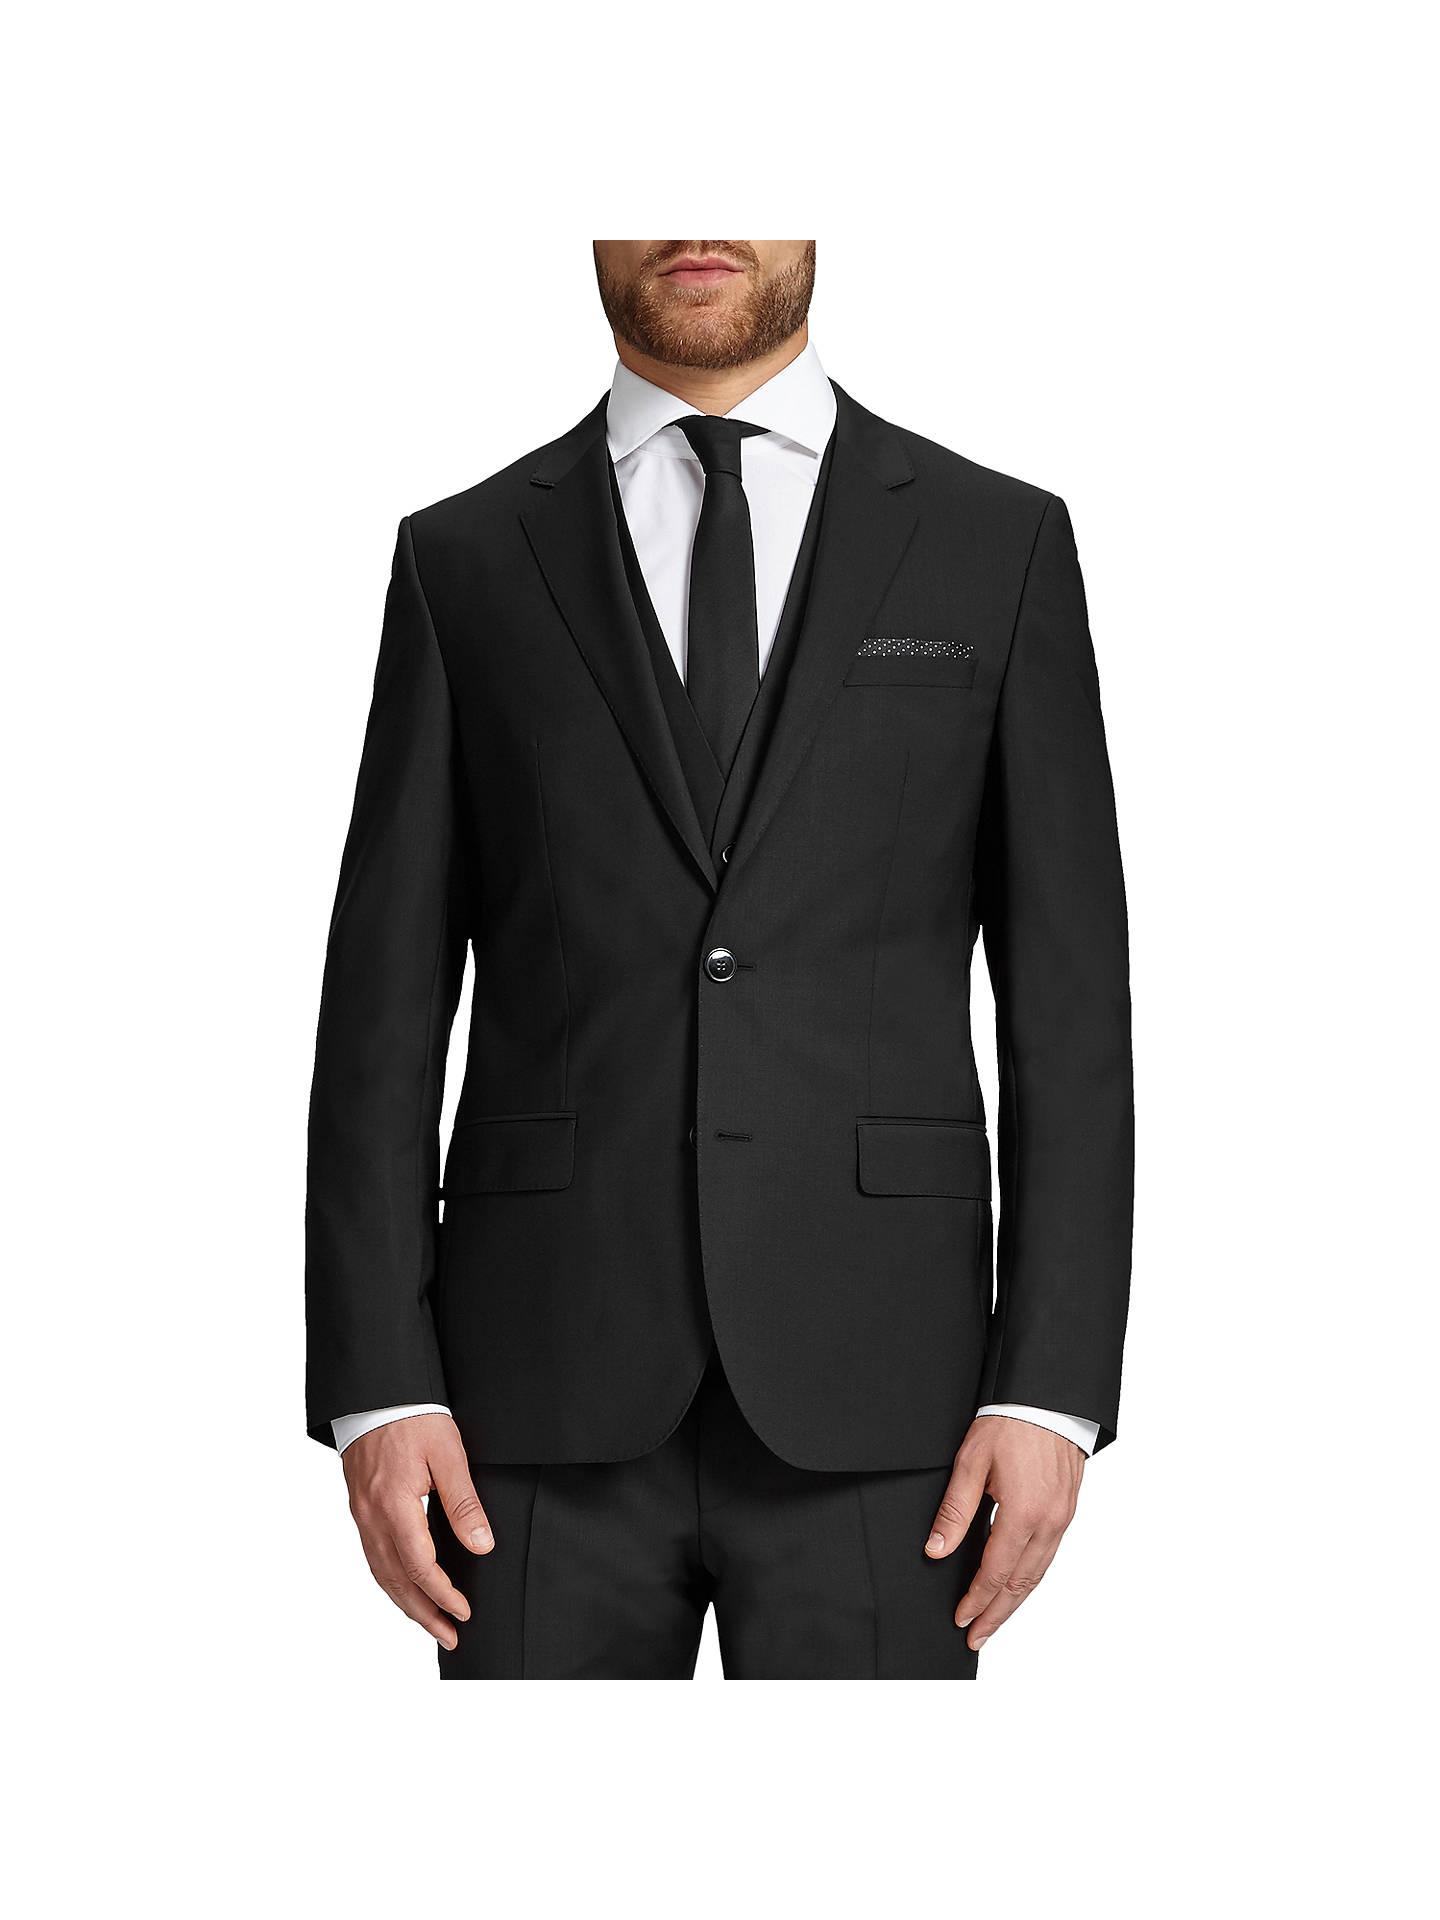 ... BuyHUGO by Hugo Boss Huge Genius Virgin Wool Slim Fit Suit Jacket 5b921be0237a4